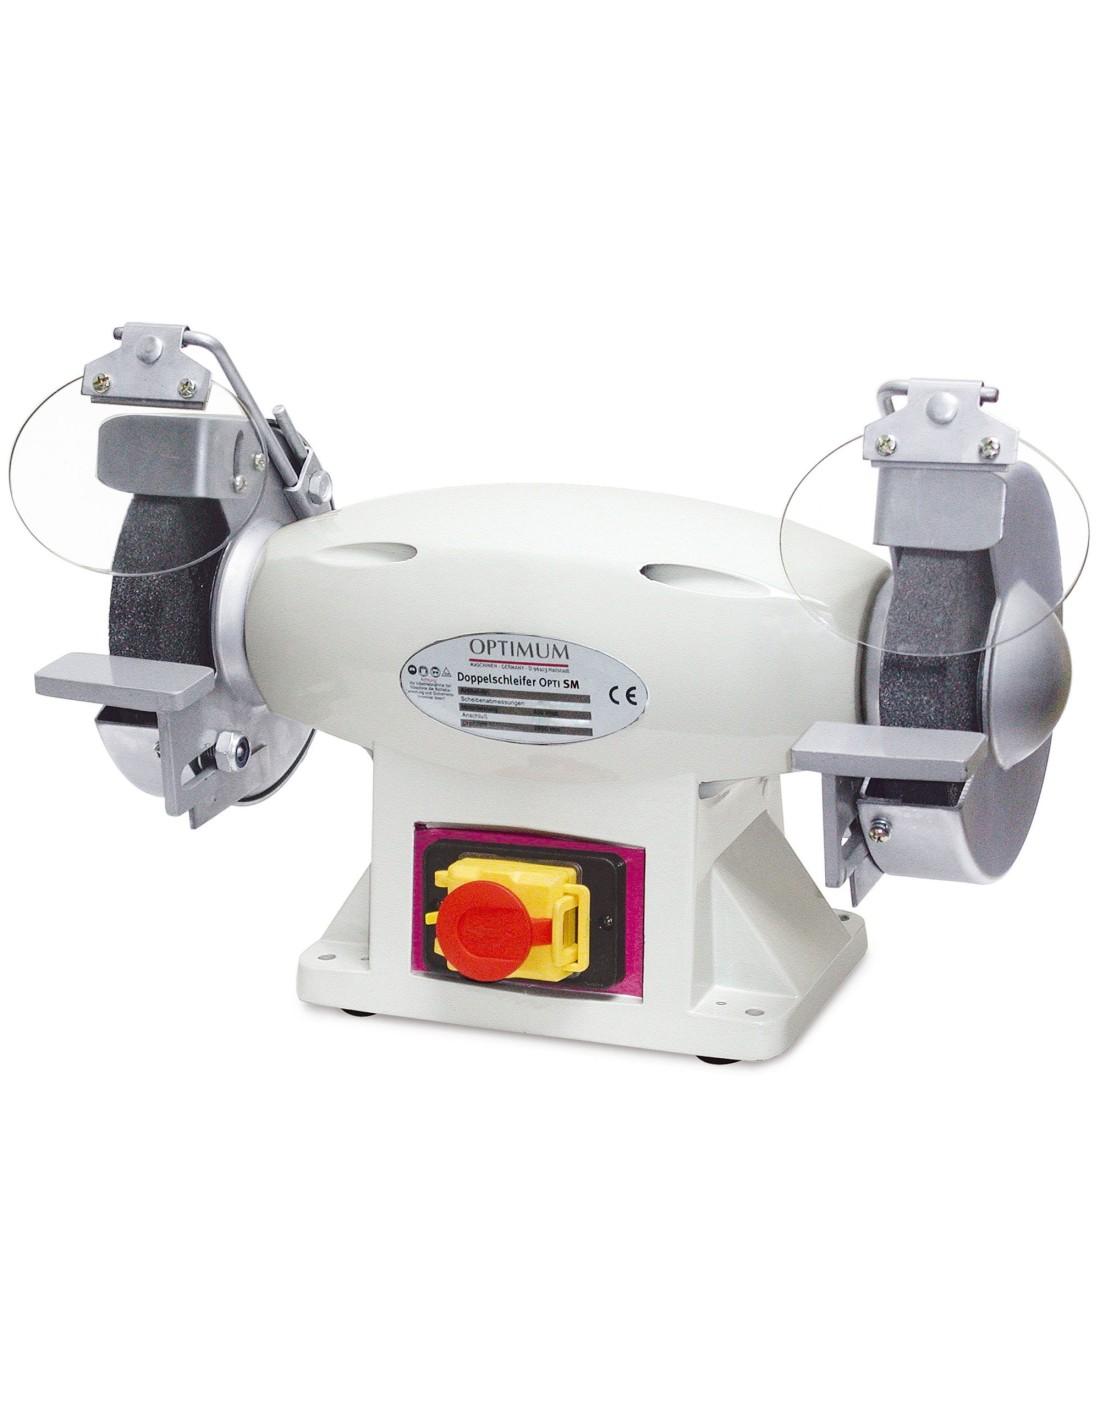 Polizor de banc Optimum SM 200 - 400 V